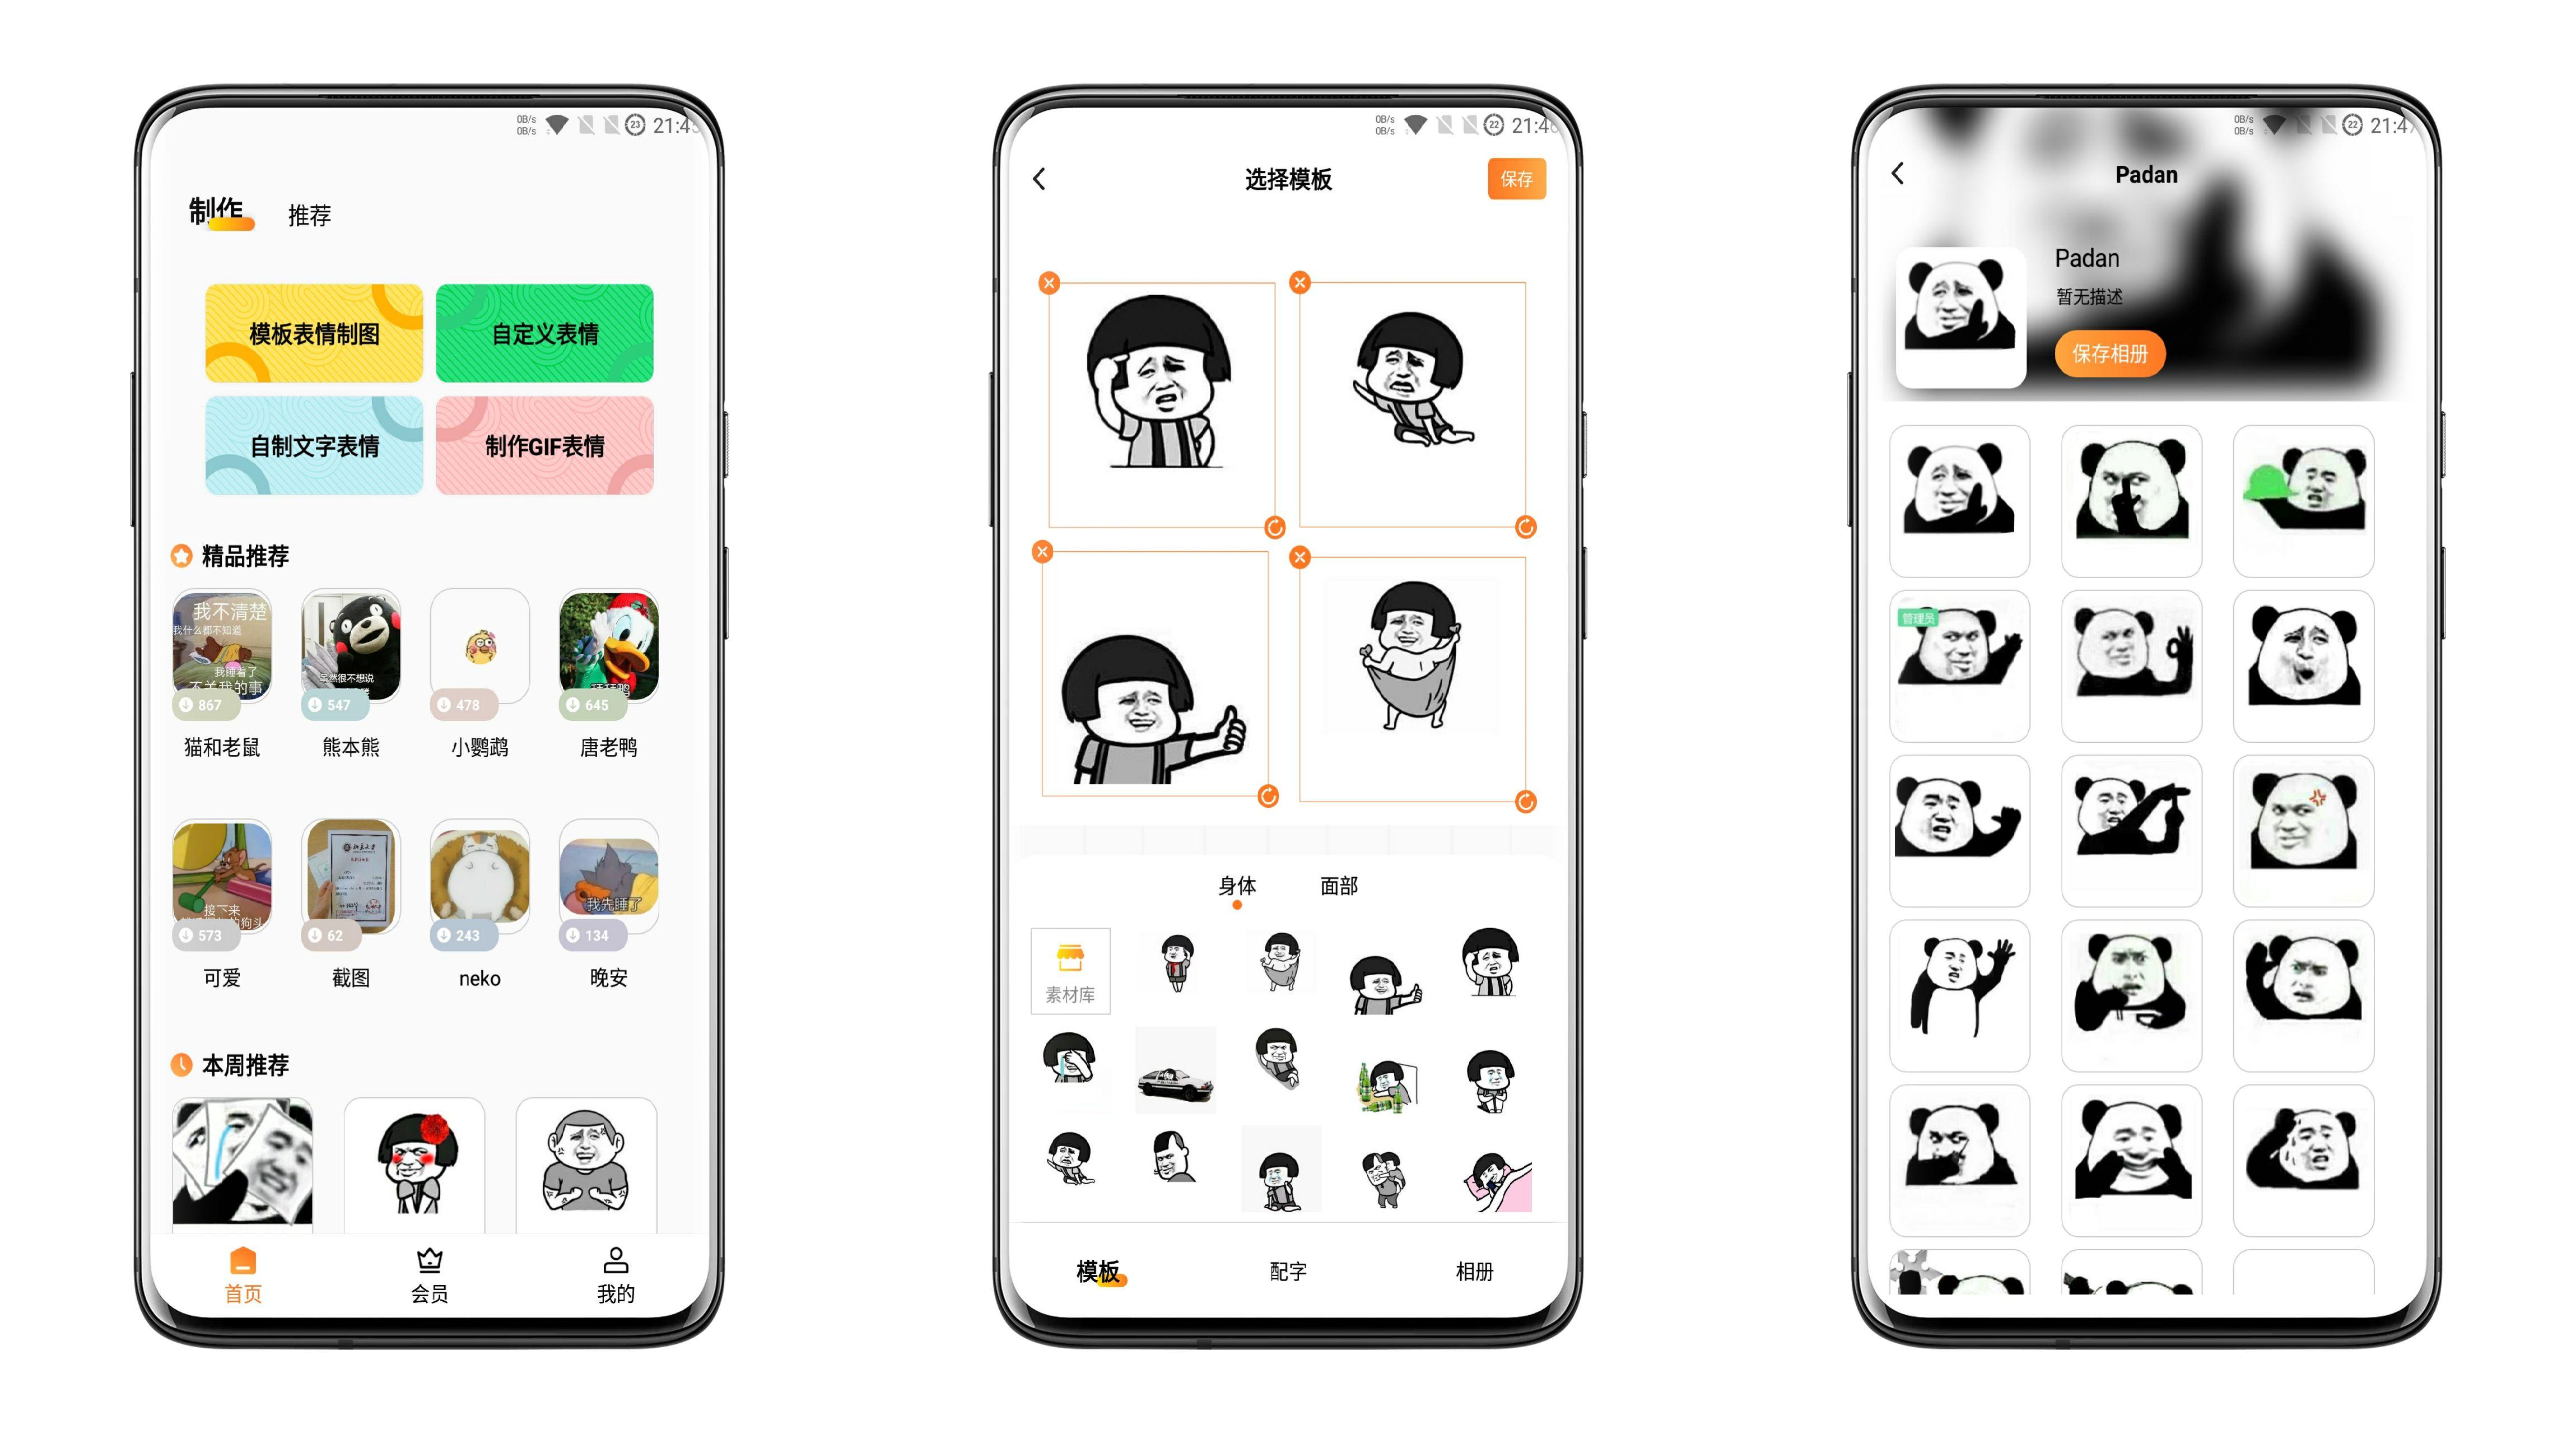 斗图表情包广场V1.0.9 支持表情包制作